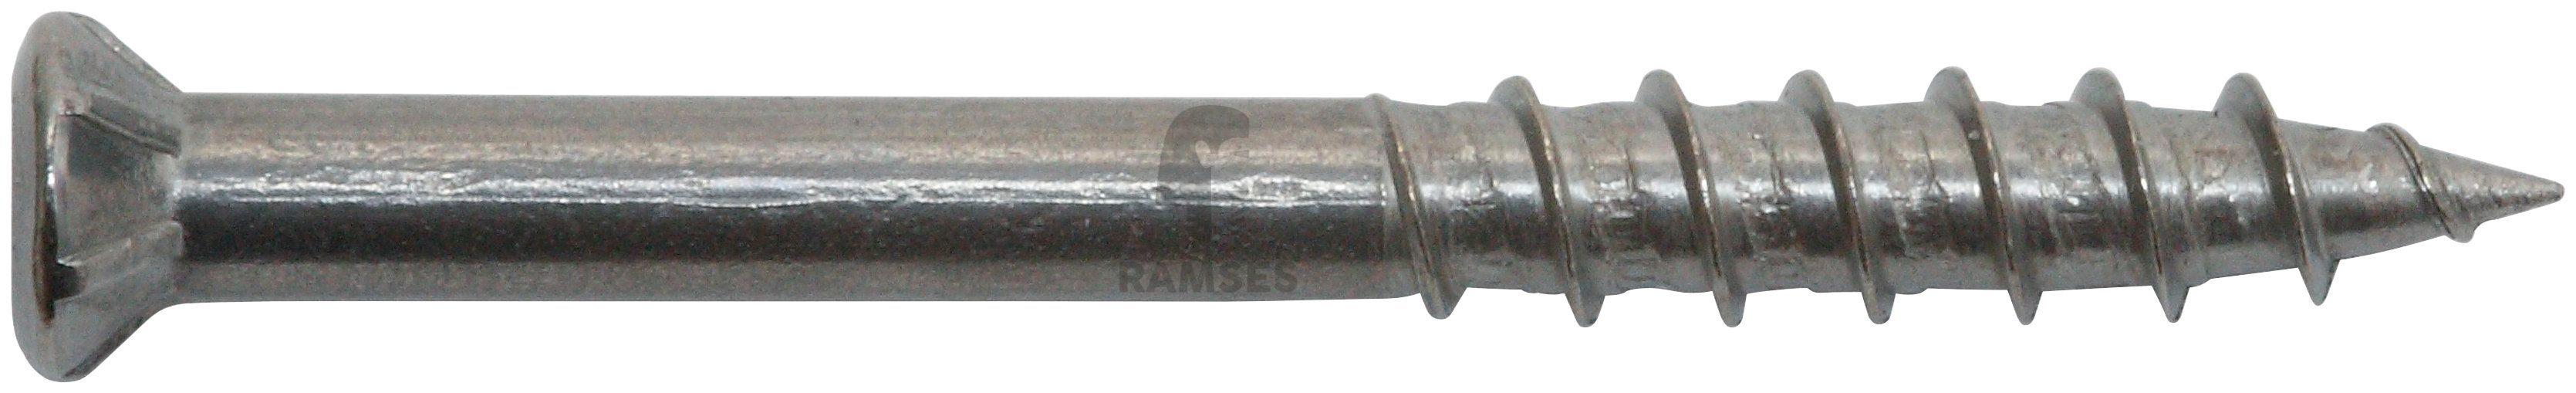 RAMSES Schrauben , Terrassenschraube 5 x 40 mm 500 Stk.